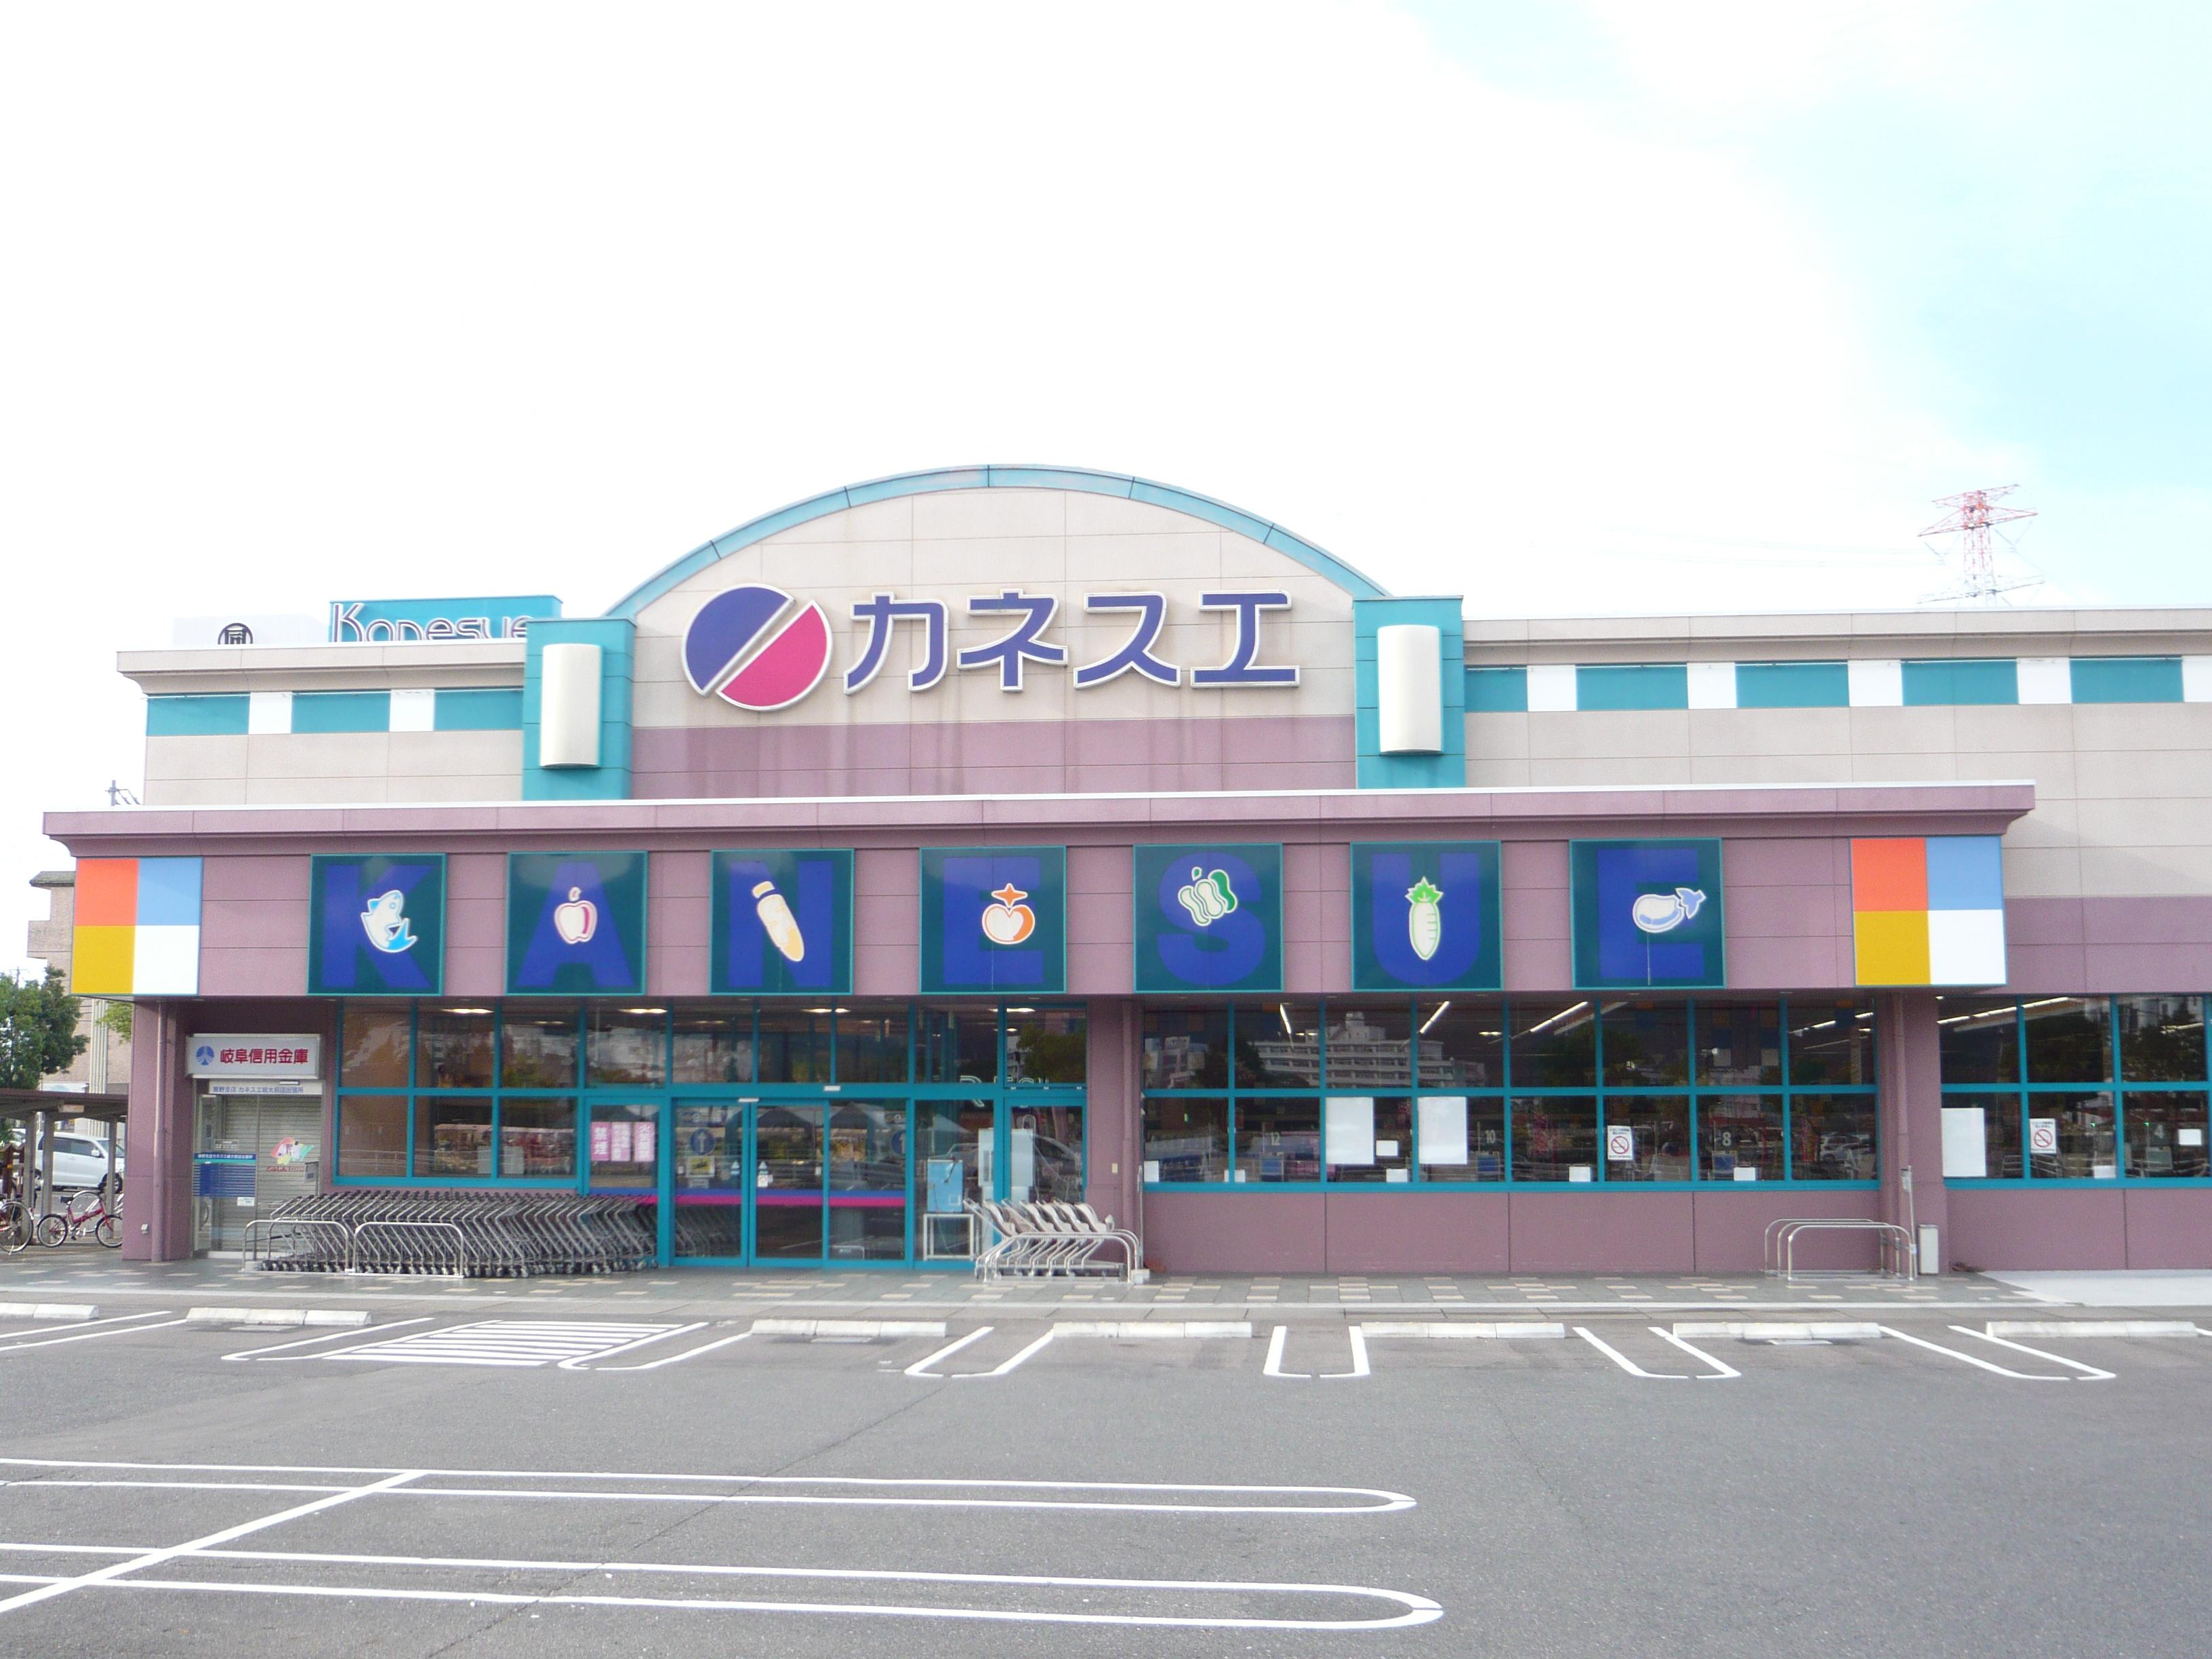 スーパー:カネスエ 岐大前店 486m